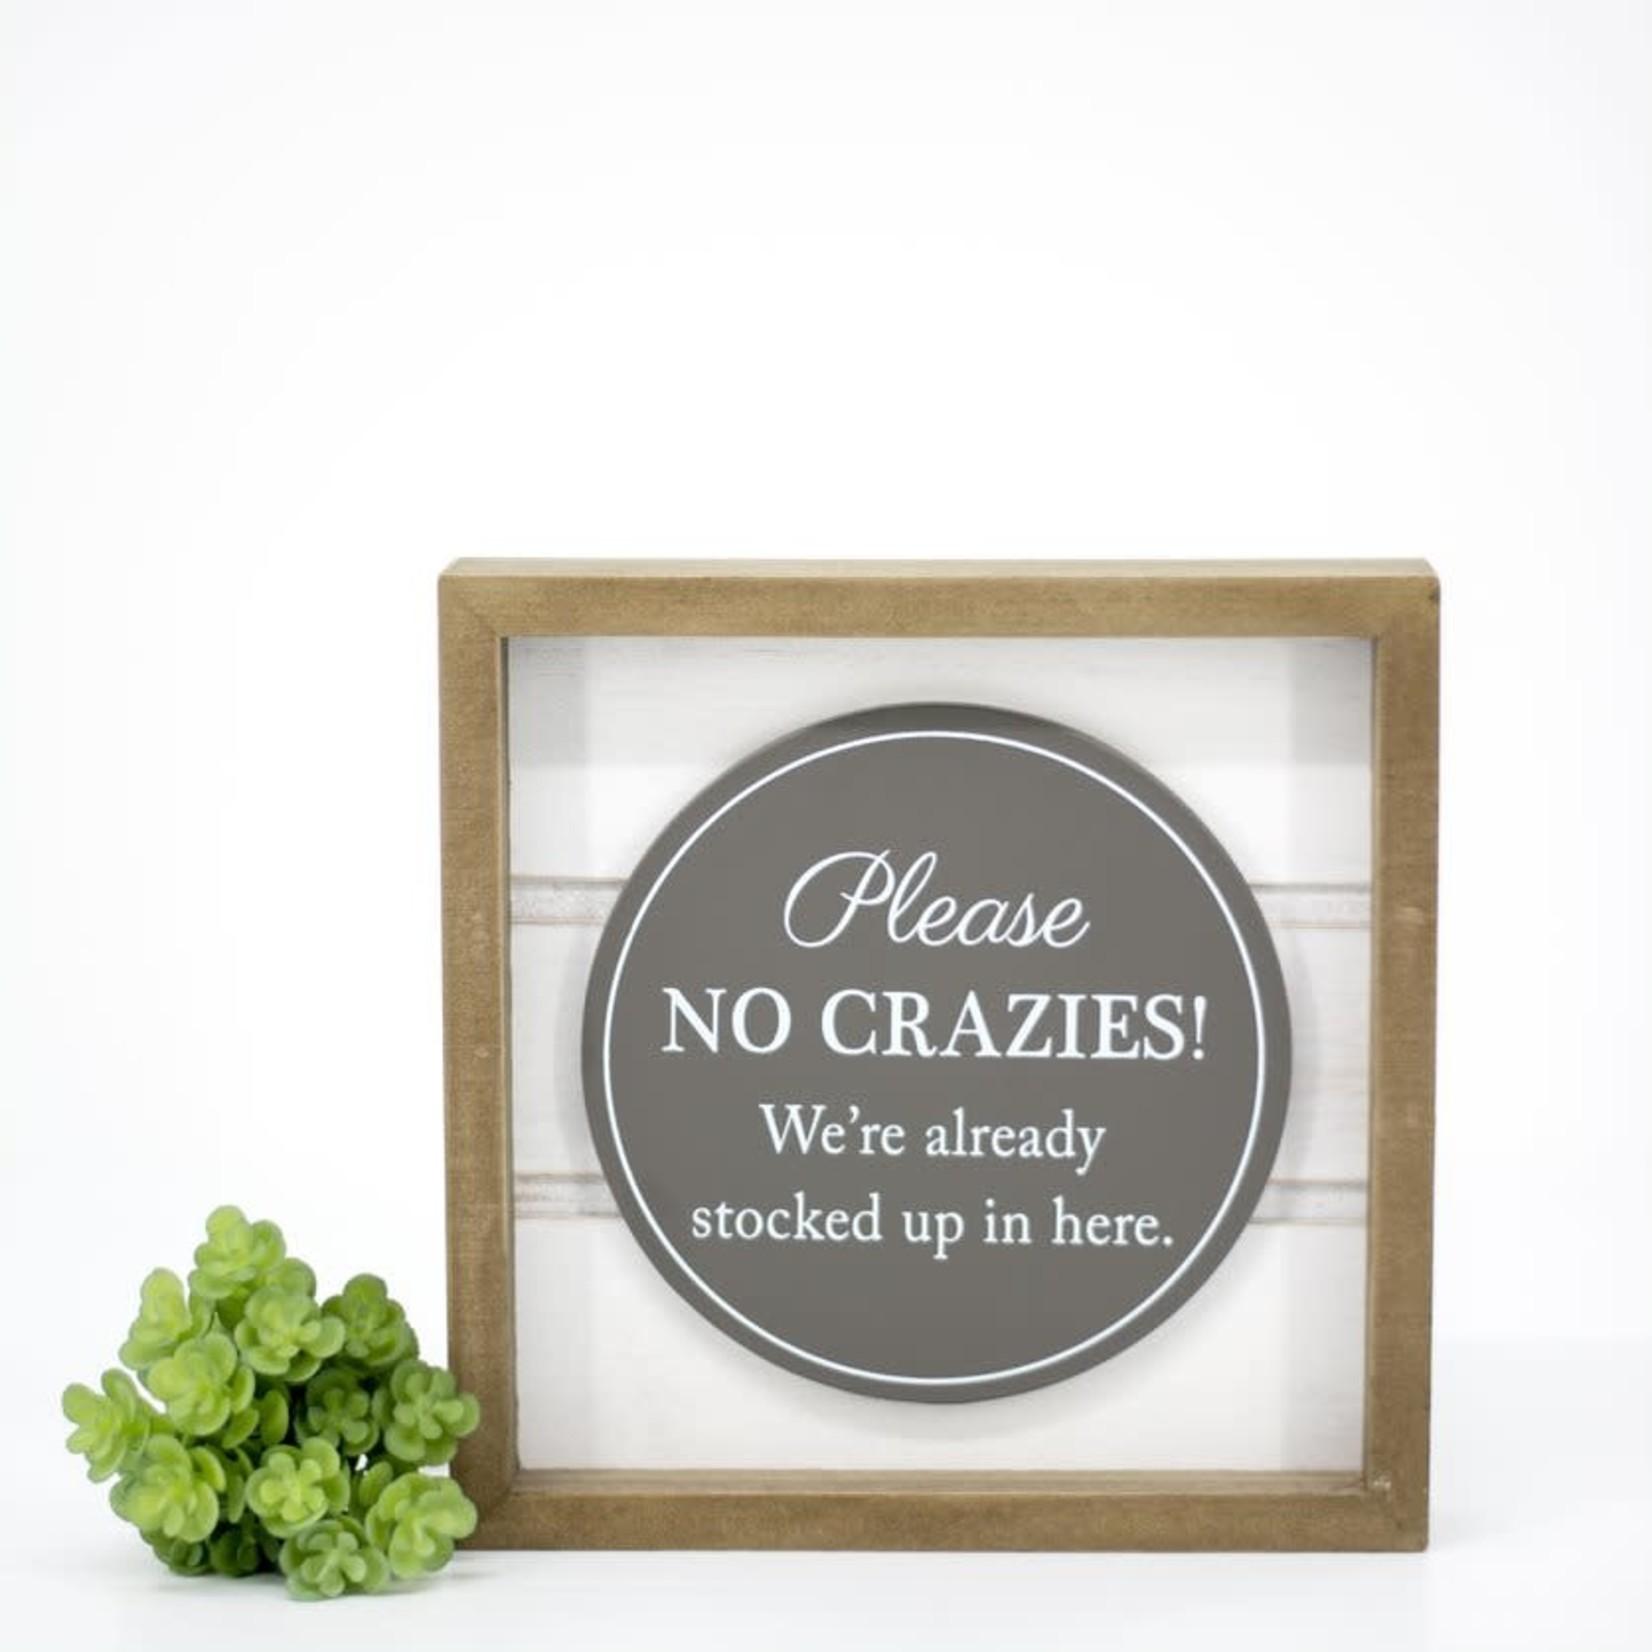 Please No Crazies - Wood Box Sign